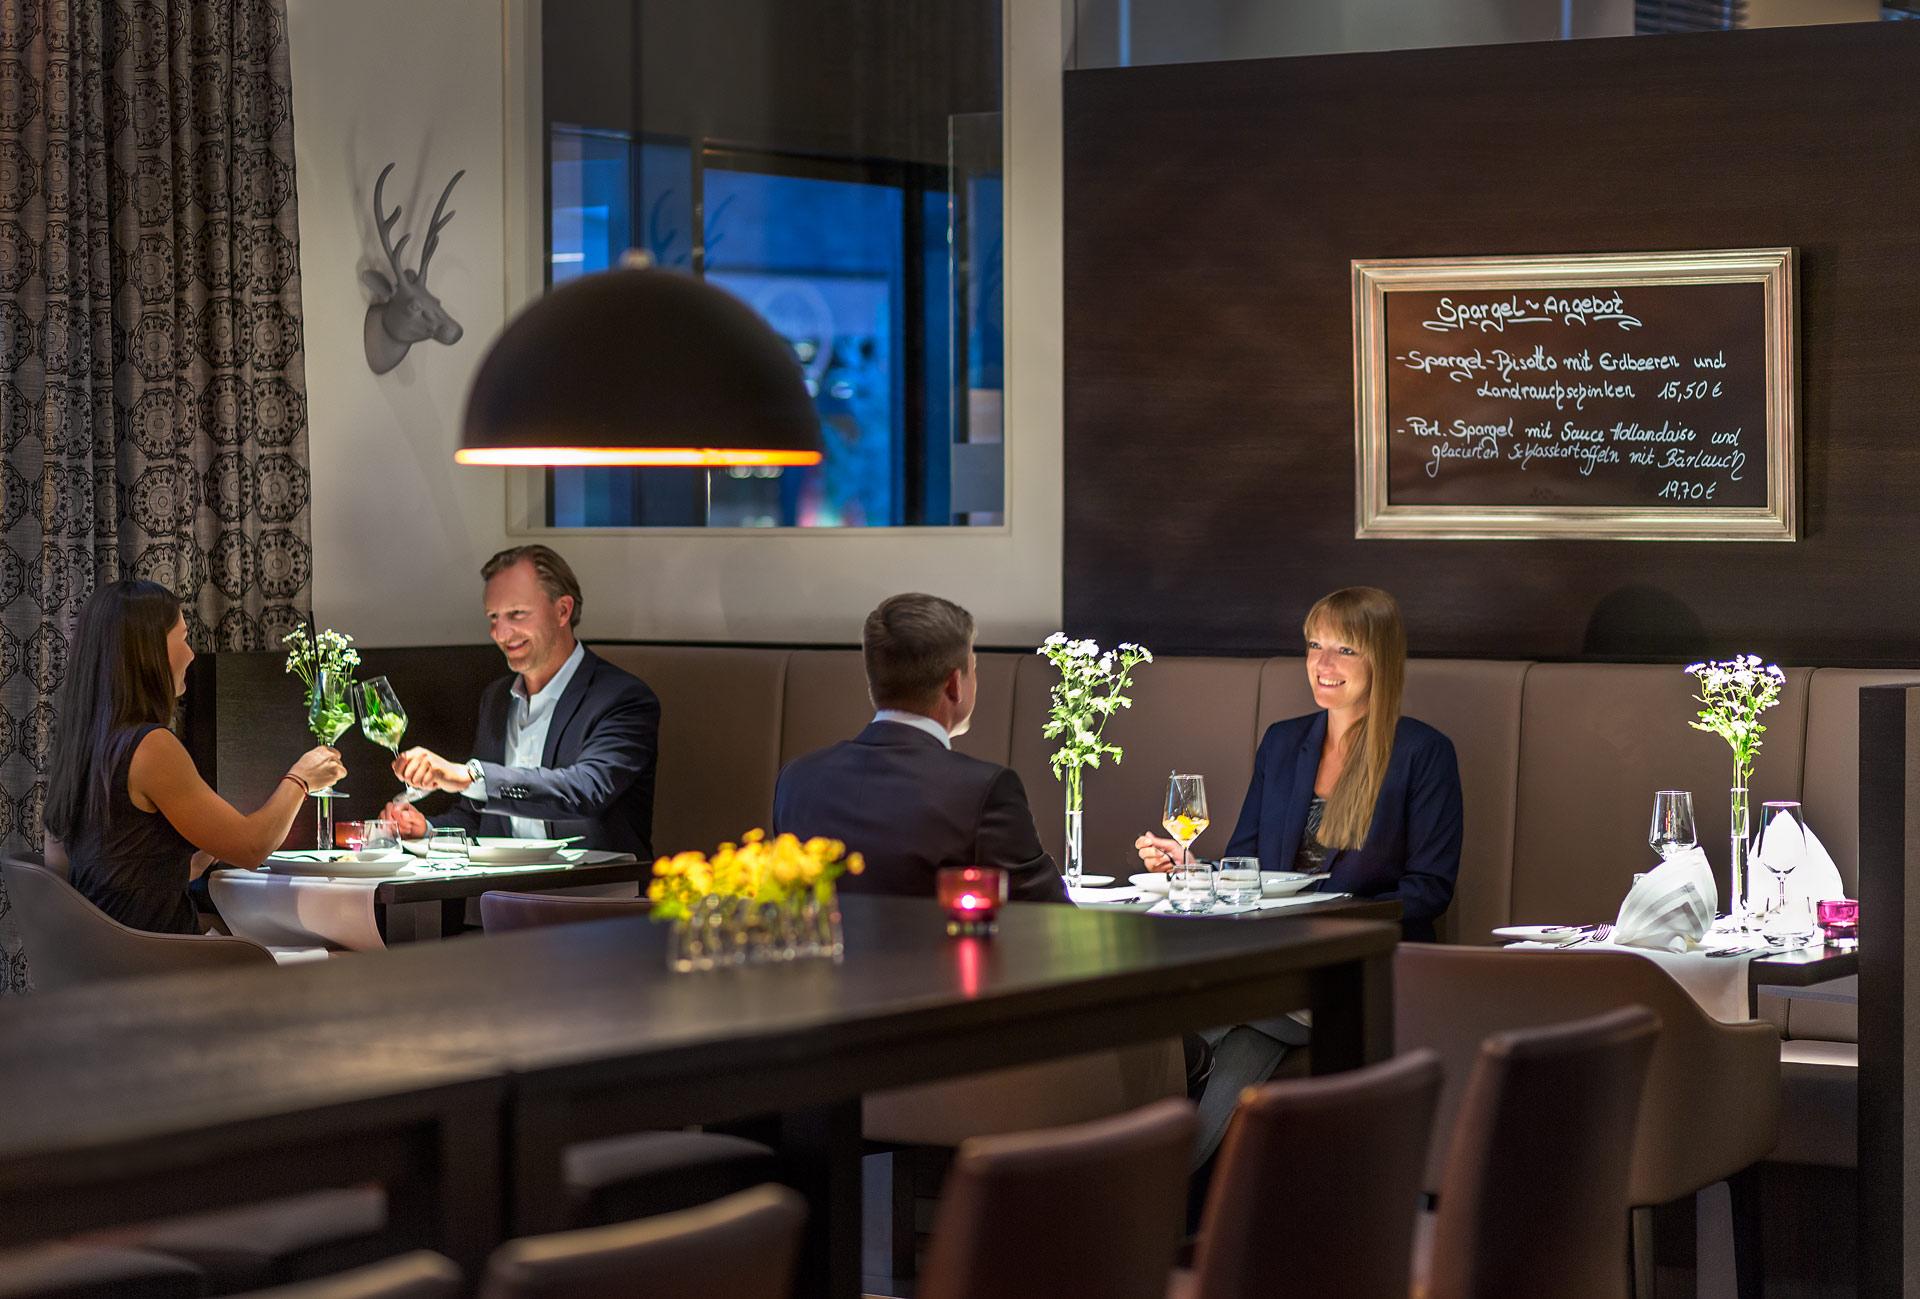 Abendessen Restaurant Friedrichs